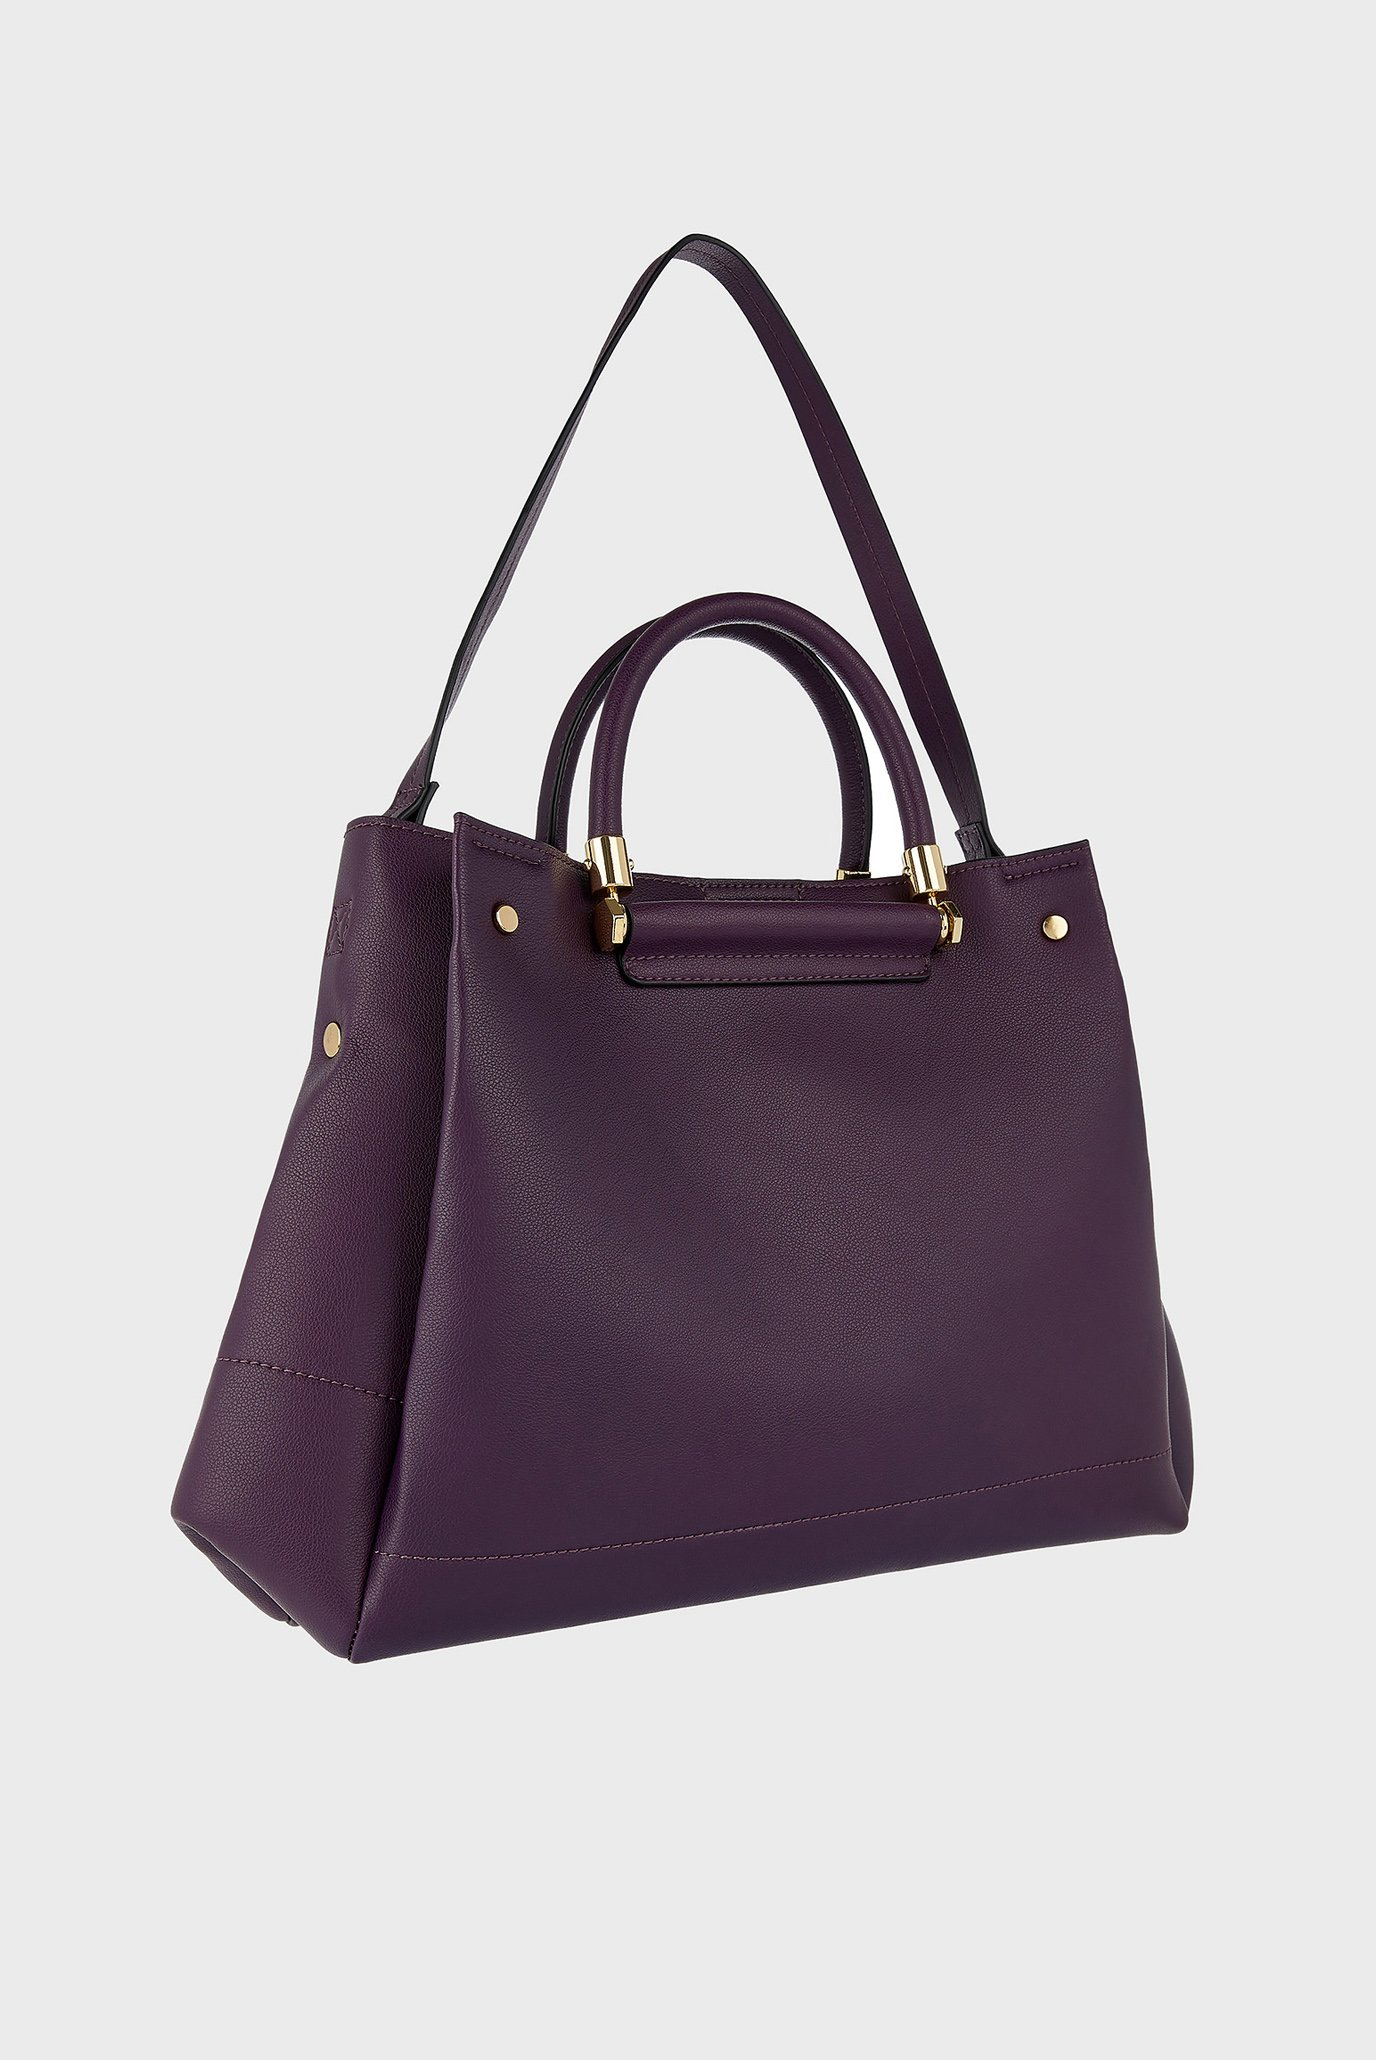 Купить Женская фиолетовая сумка на плечо FF OLIVIA TOTE Accessorize Accessorize 590449 – Киев, Украина. Цены в интернет магазине MD Fashion